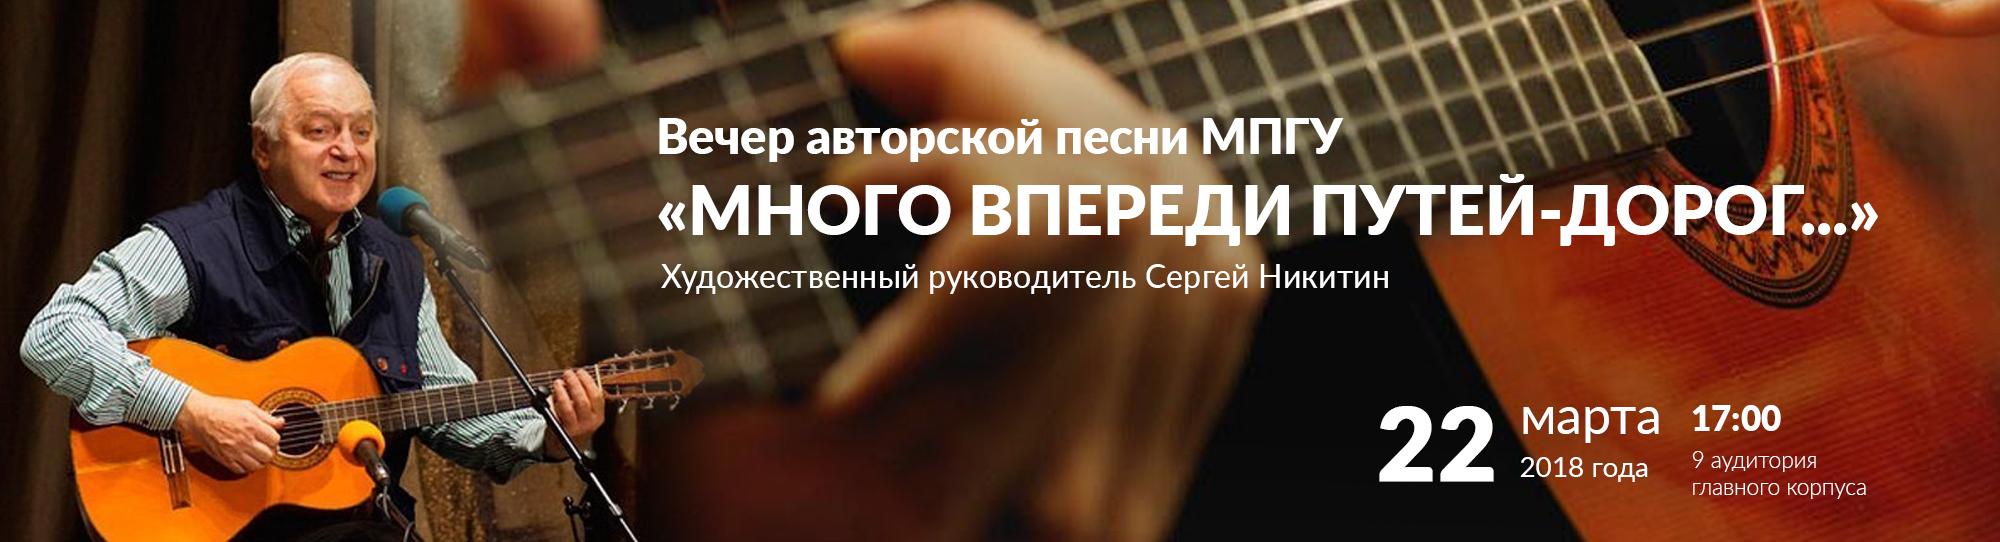 mpgu-site-big-banner-Avtorskaya-pesnya _никитин 2018 3